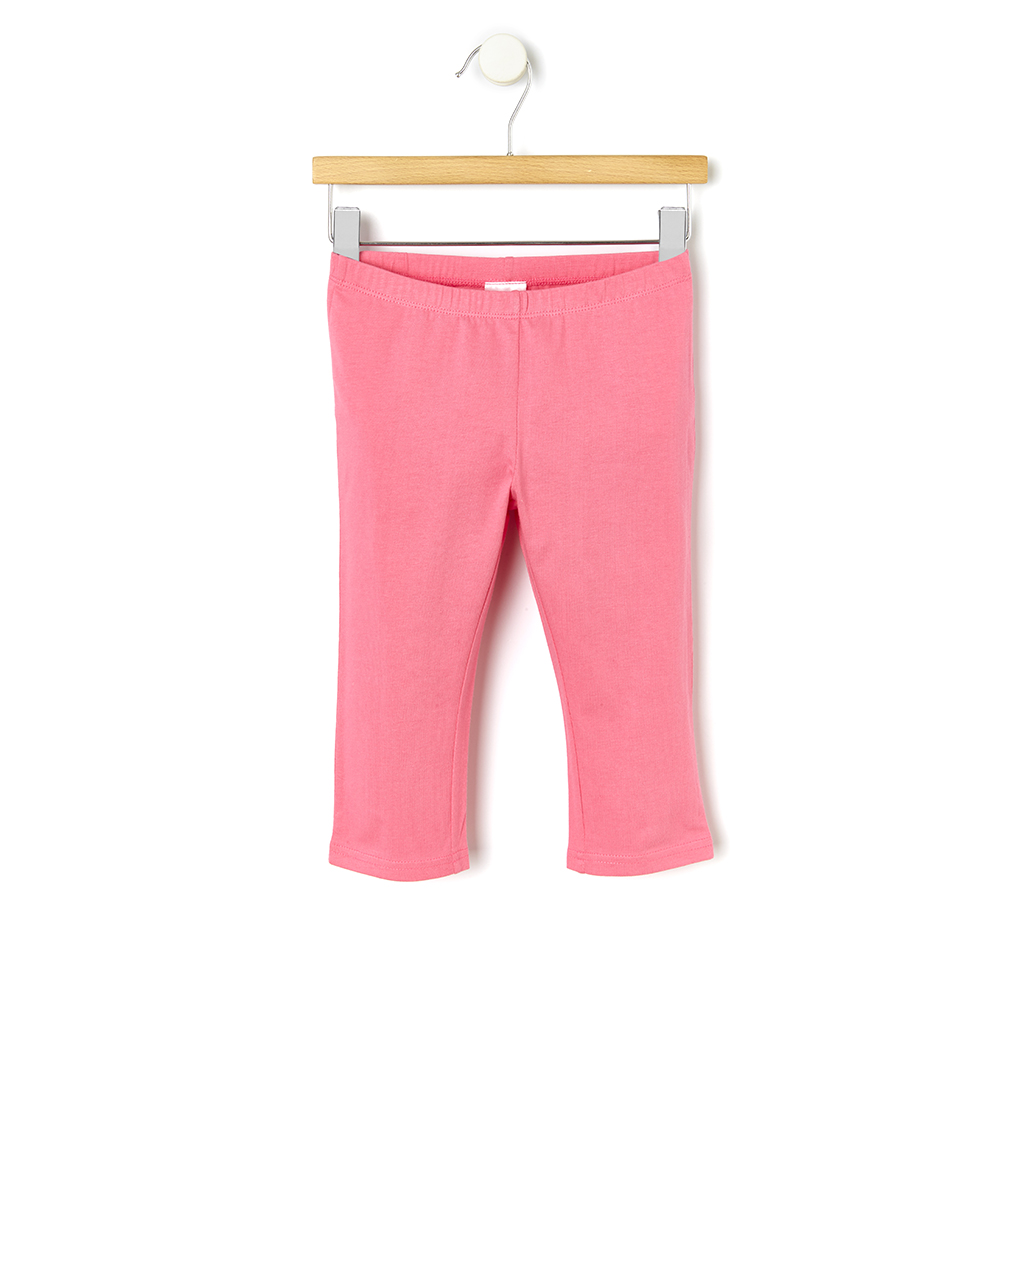 Κολάν Jersey Basic 3/4 Ροζ για Κορίτσι